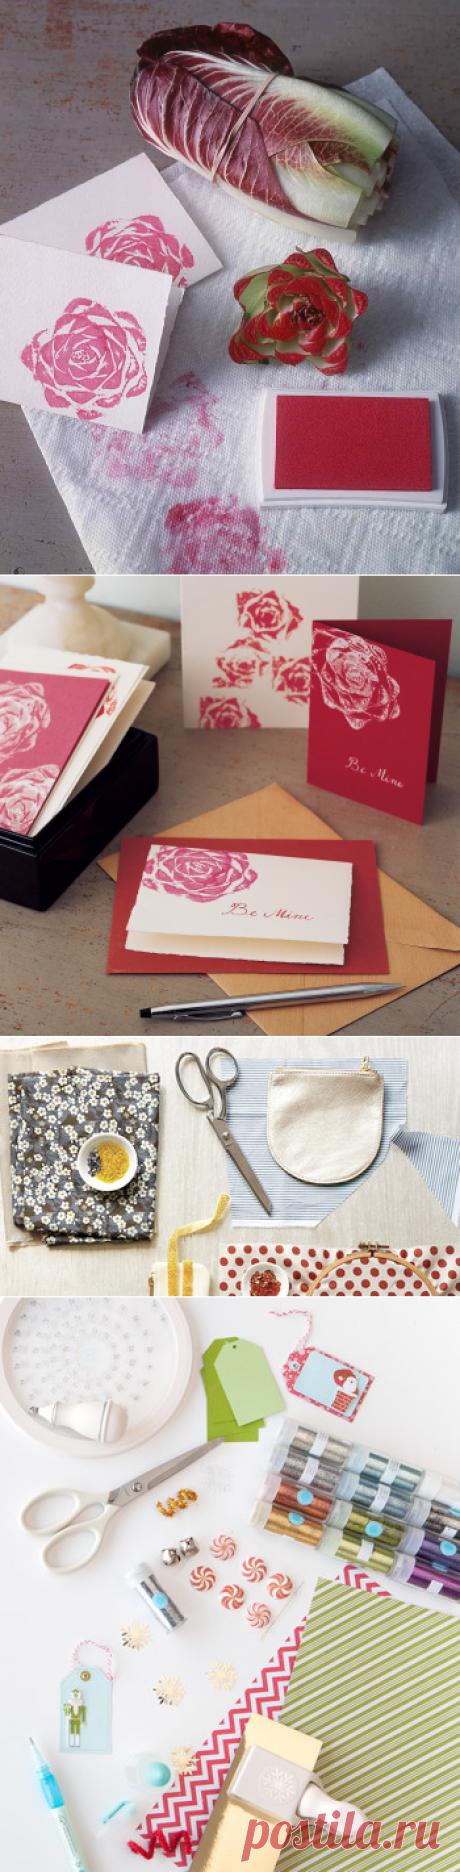 Rosy Stationery   Martha Stewart